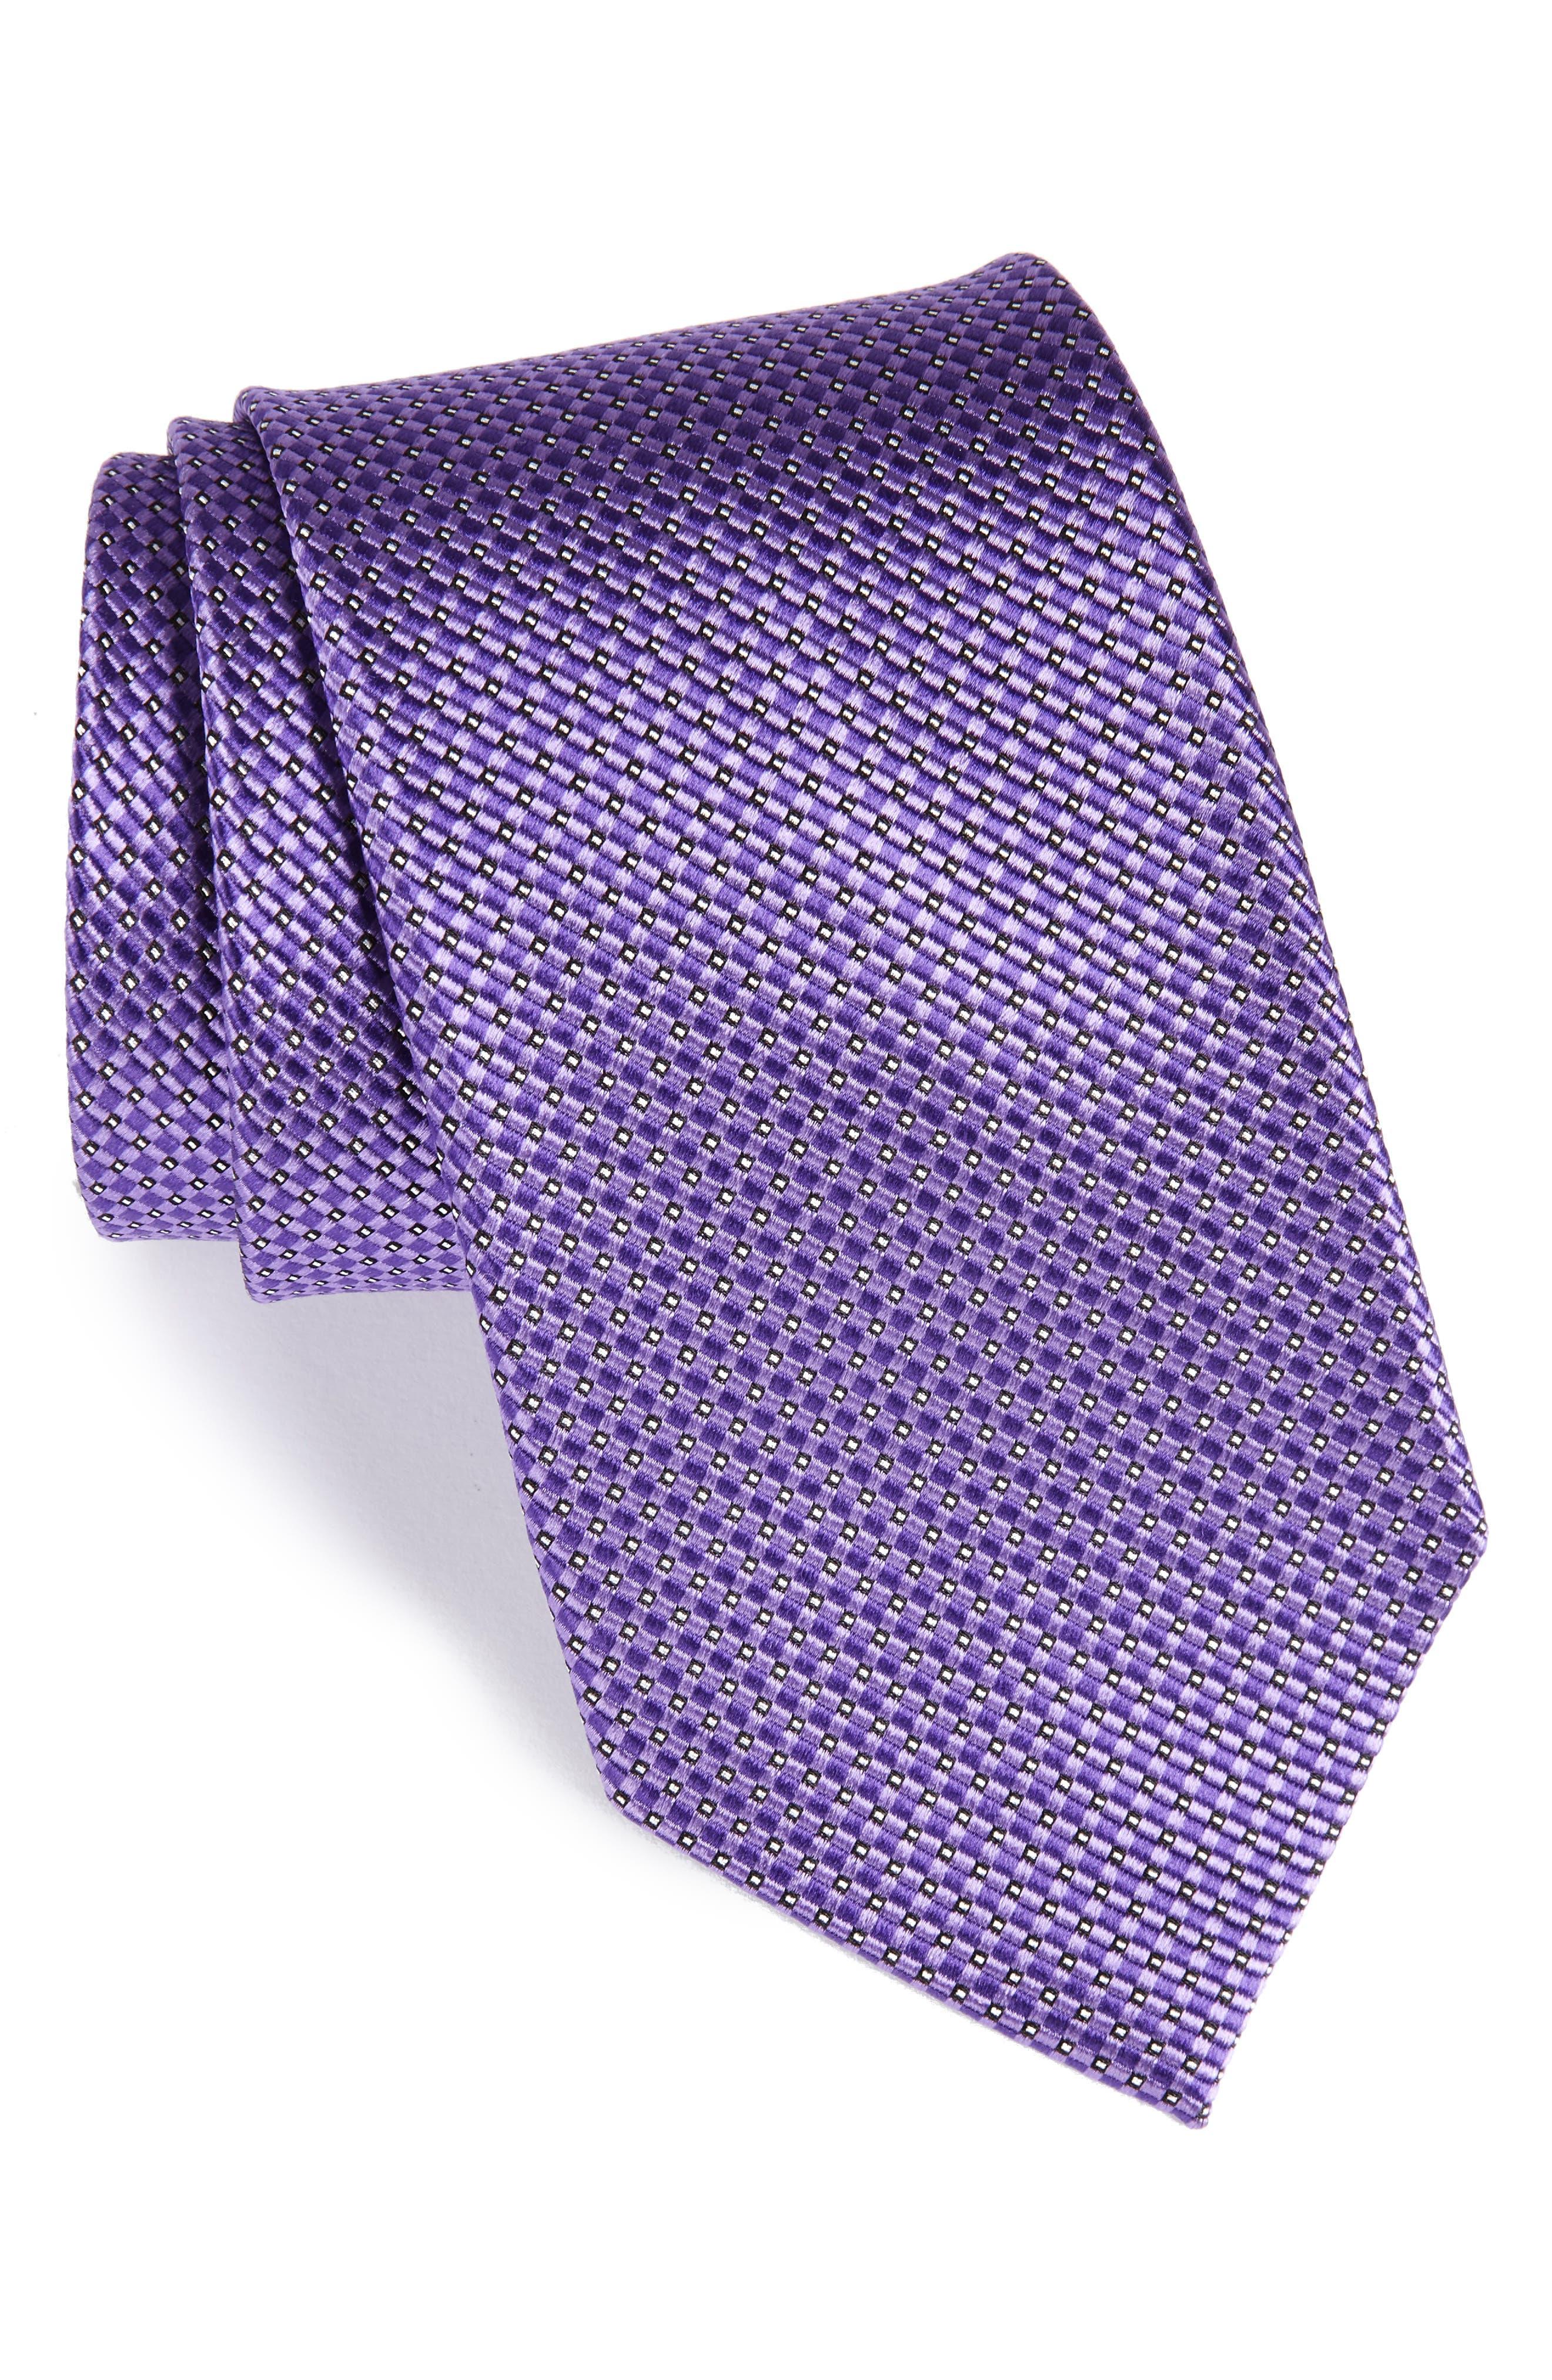 Nordstrom Men's Shop Microgrid Silk Tie